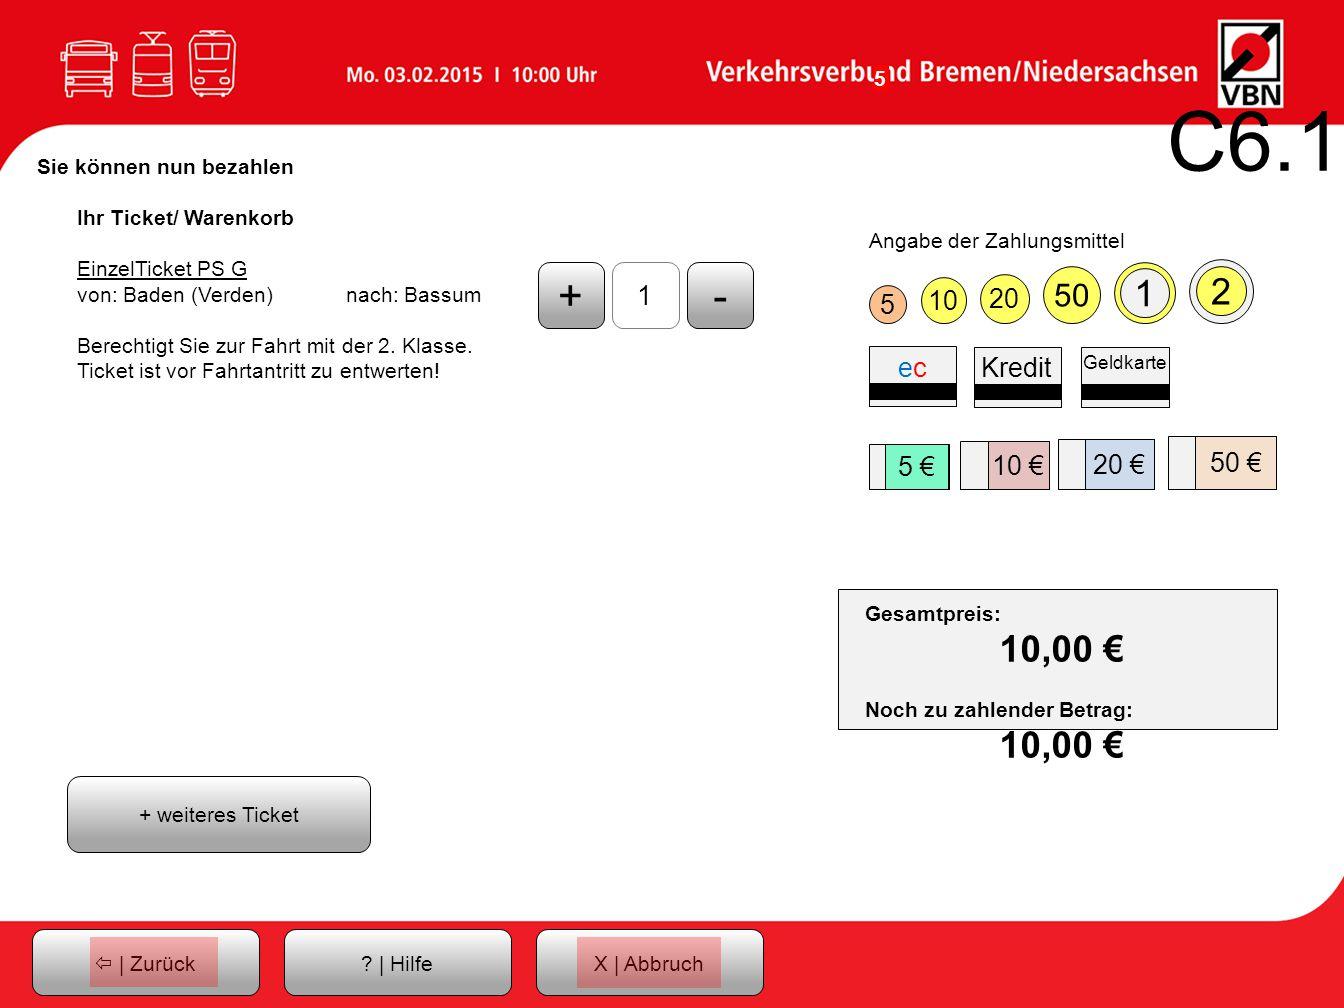 5 Ihr Ticket/ Warenkorb EinzelTicket PS G von: Baden (Verden)nach: Bassum Berechtigt Sie zur Fahrt mit der 2.